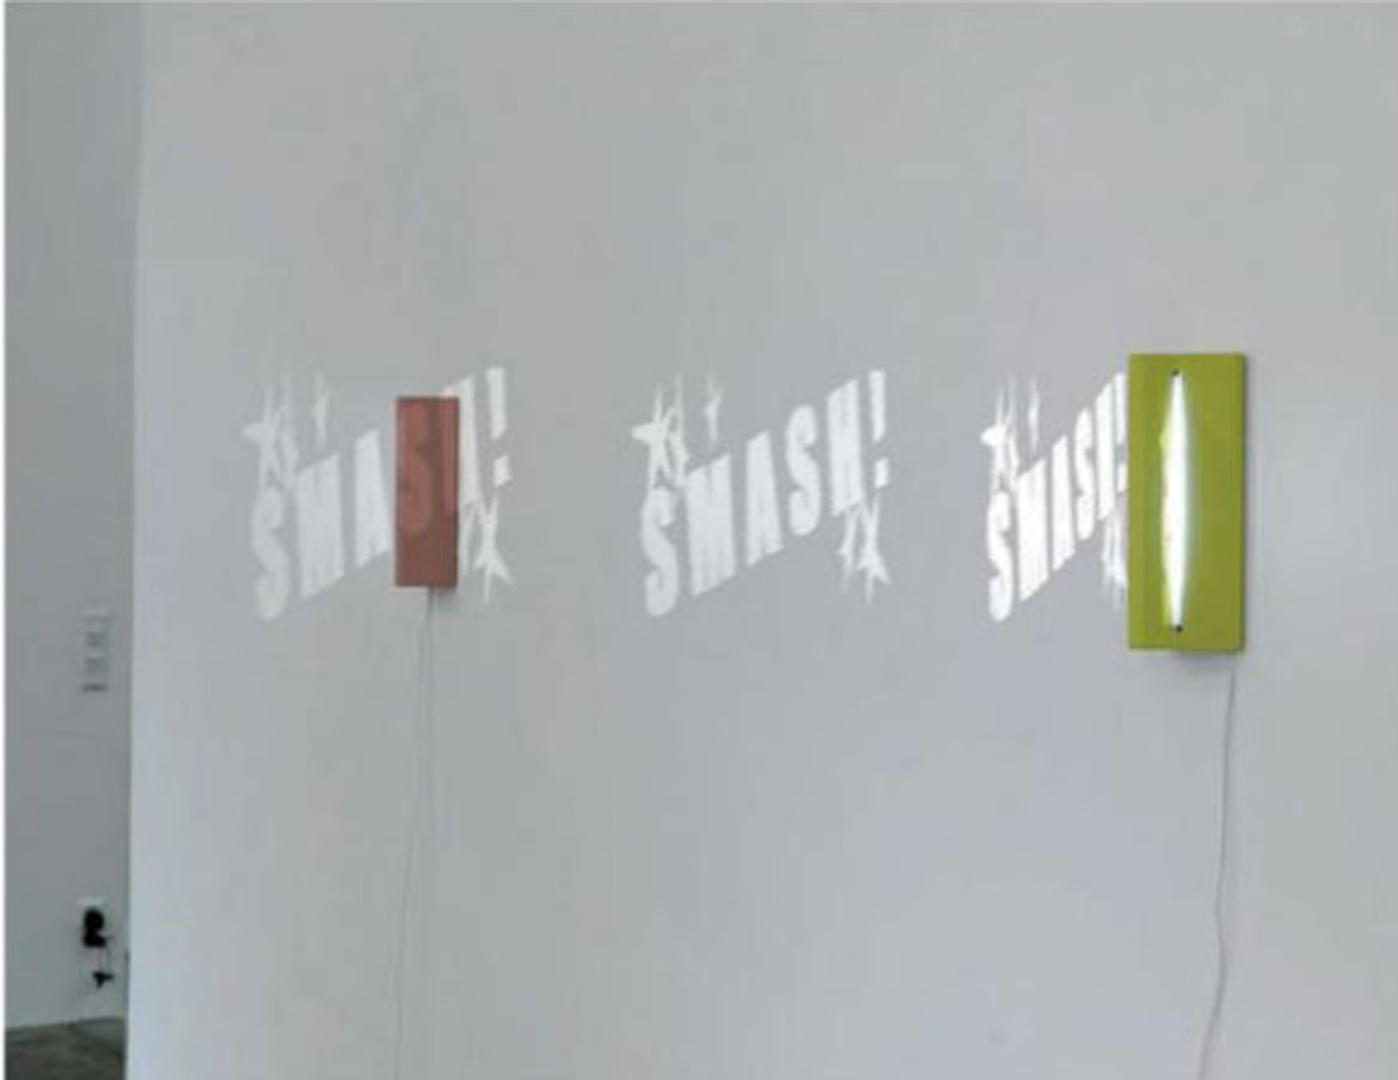 ©, Ruth Schnell, MotU #4–#6